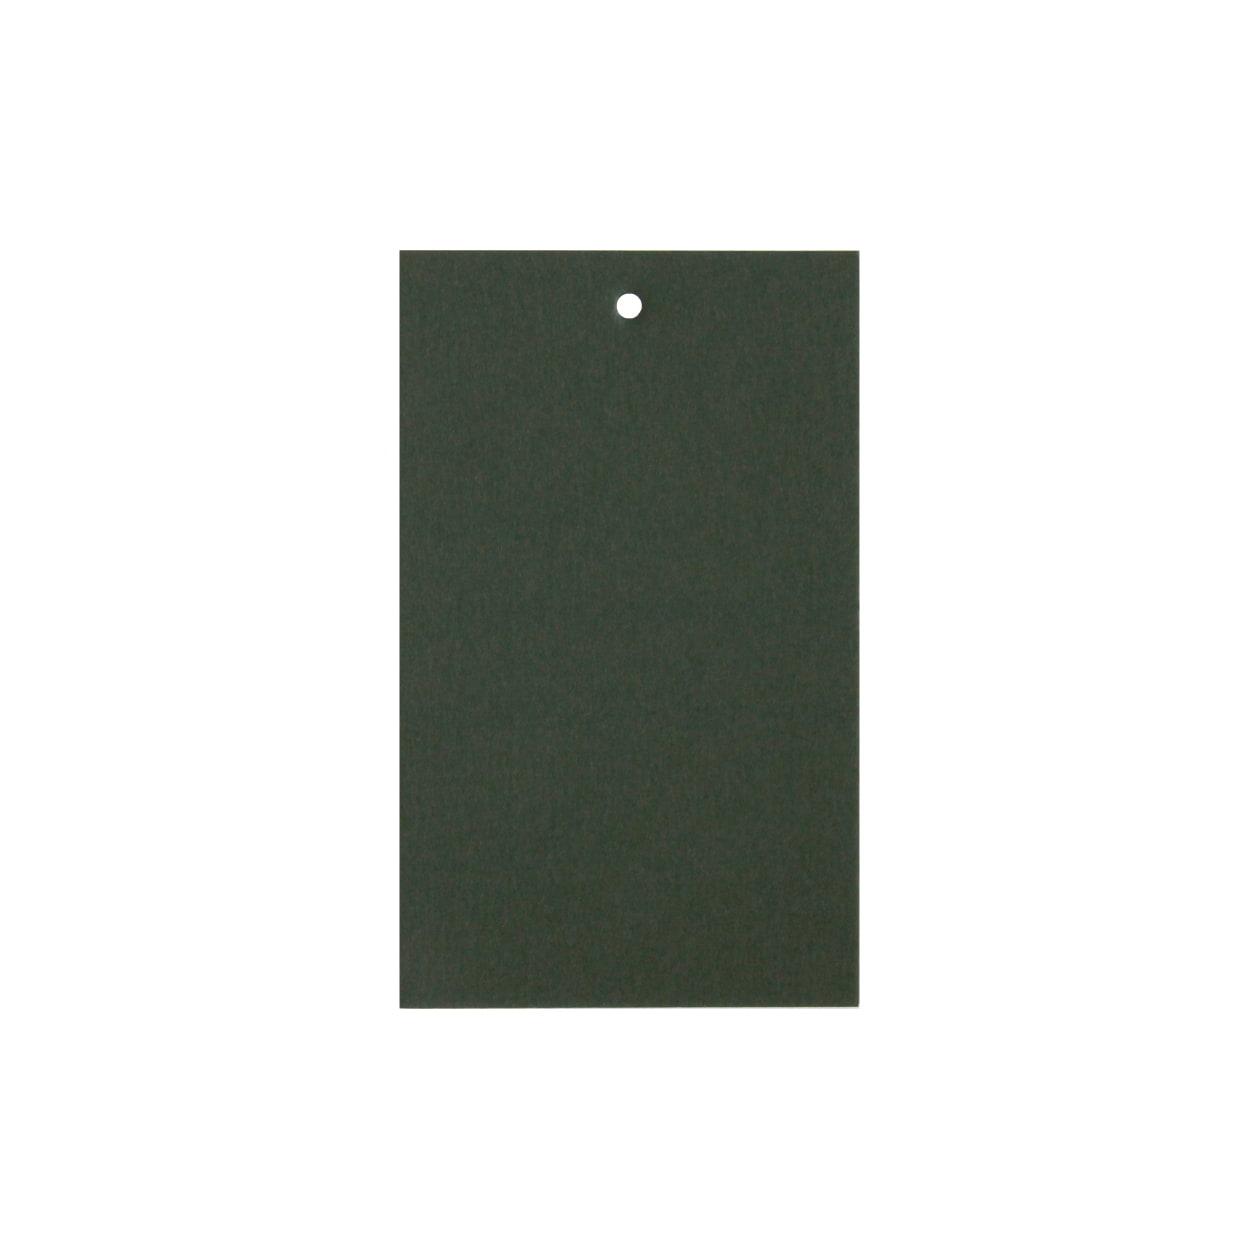 サンプル カード(タグ)00062